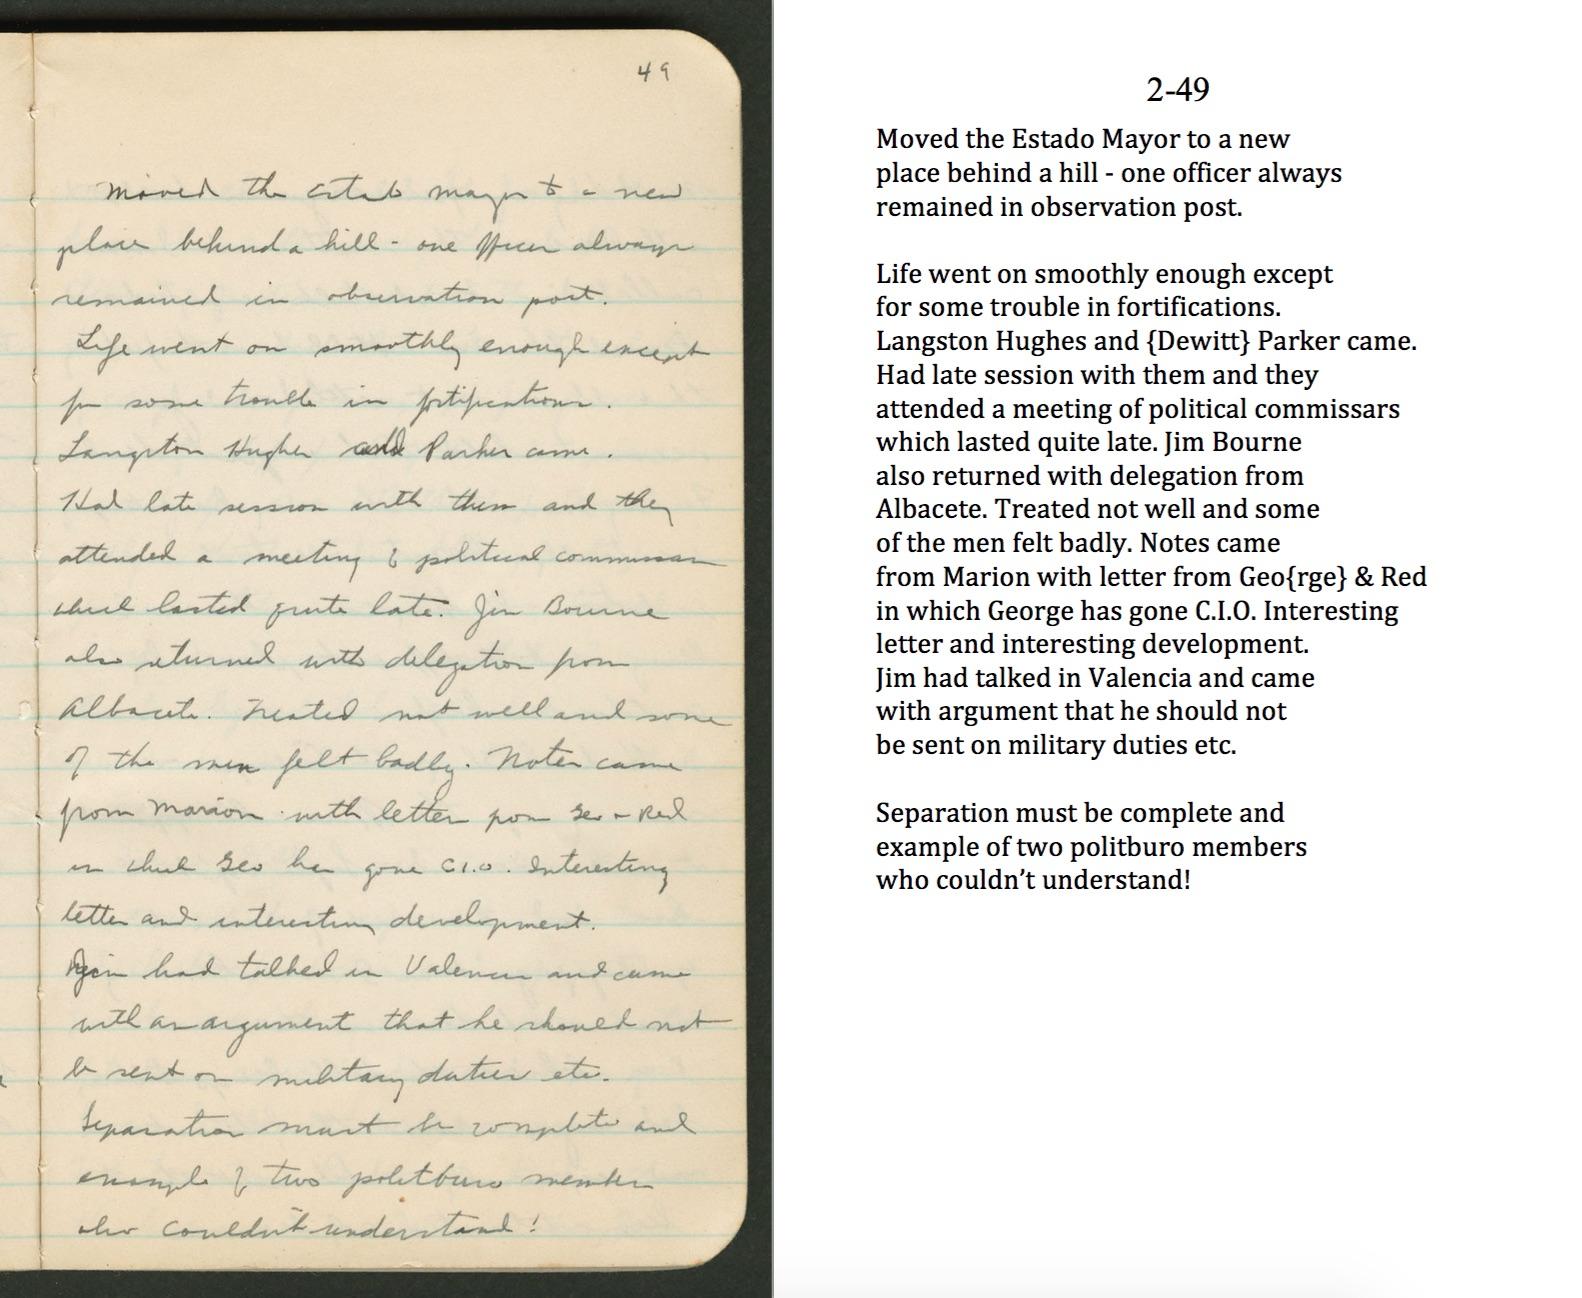 Oct 20, 1937